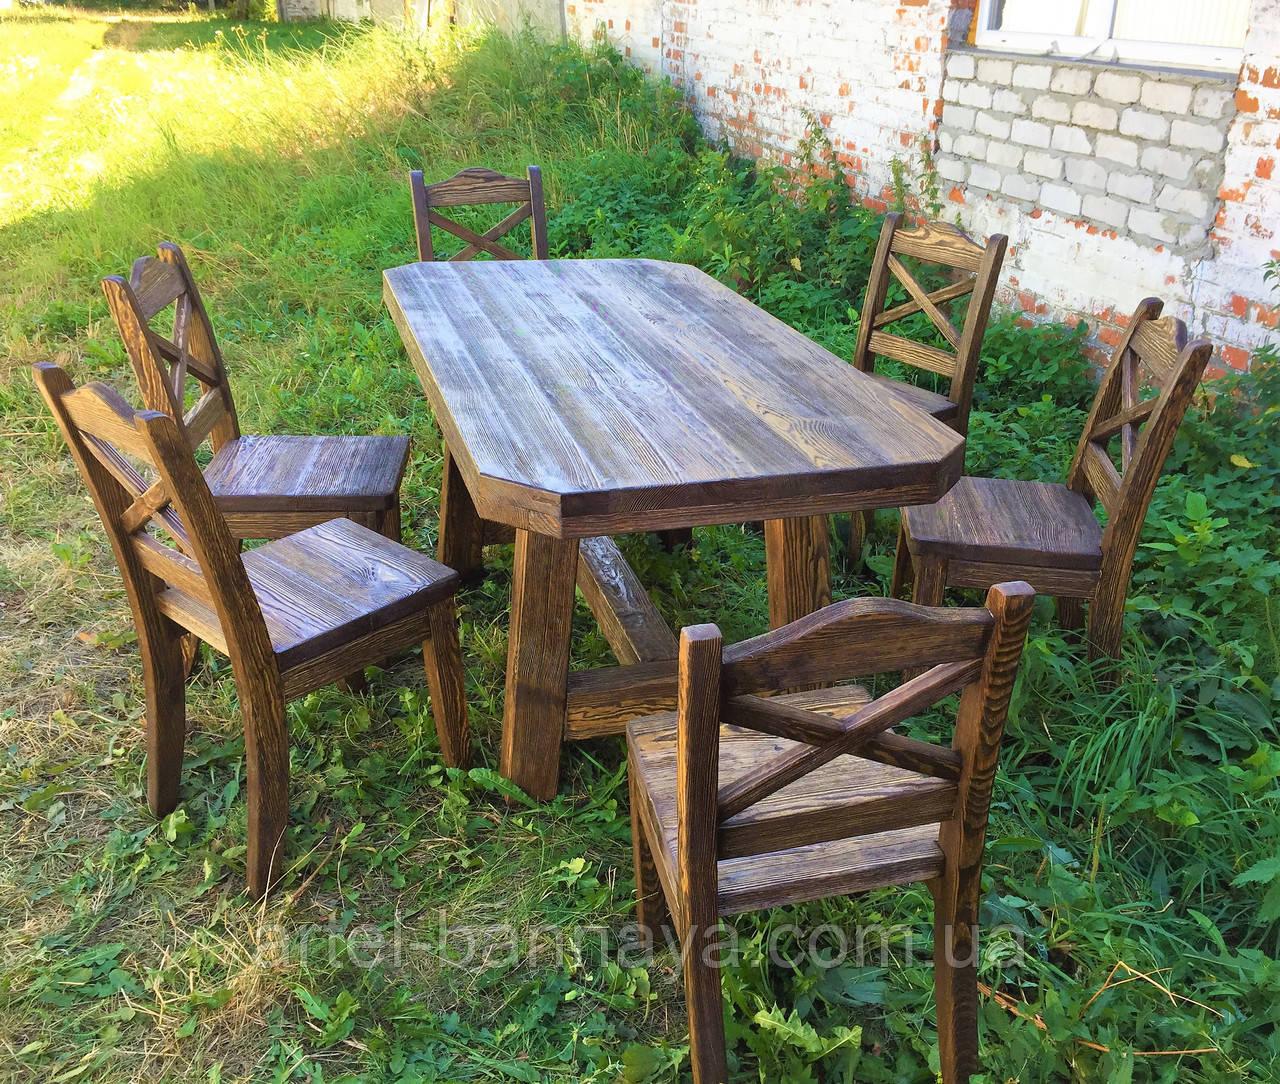 Мебель под старину в беседку из массива состаренного дерева от производителя Хмельницкая область